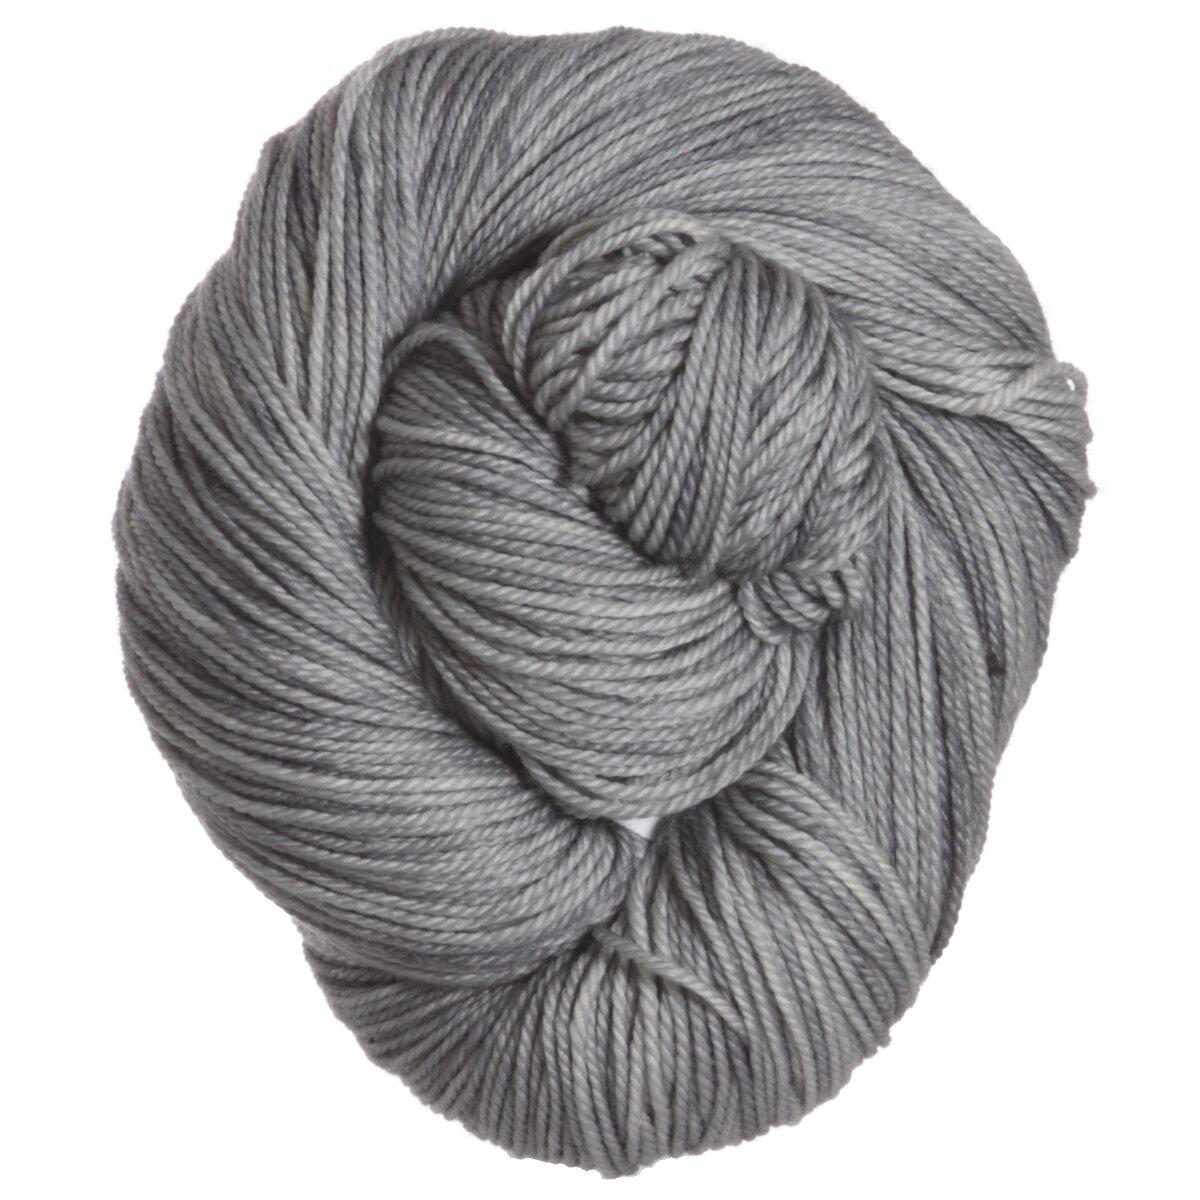 Squishy Yarn : Anzula Squishy Yarn - Hippo at Jimmy Beans Wool